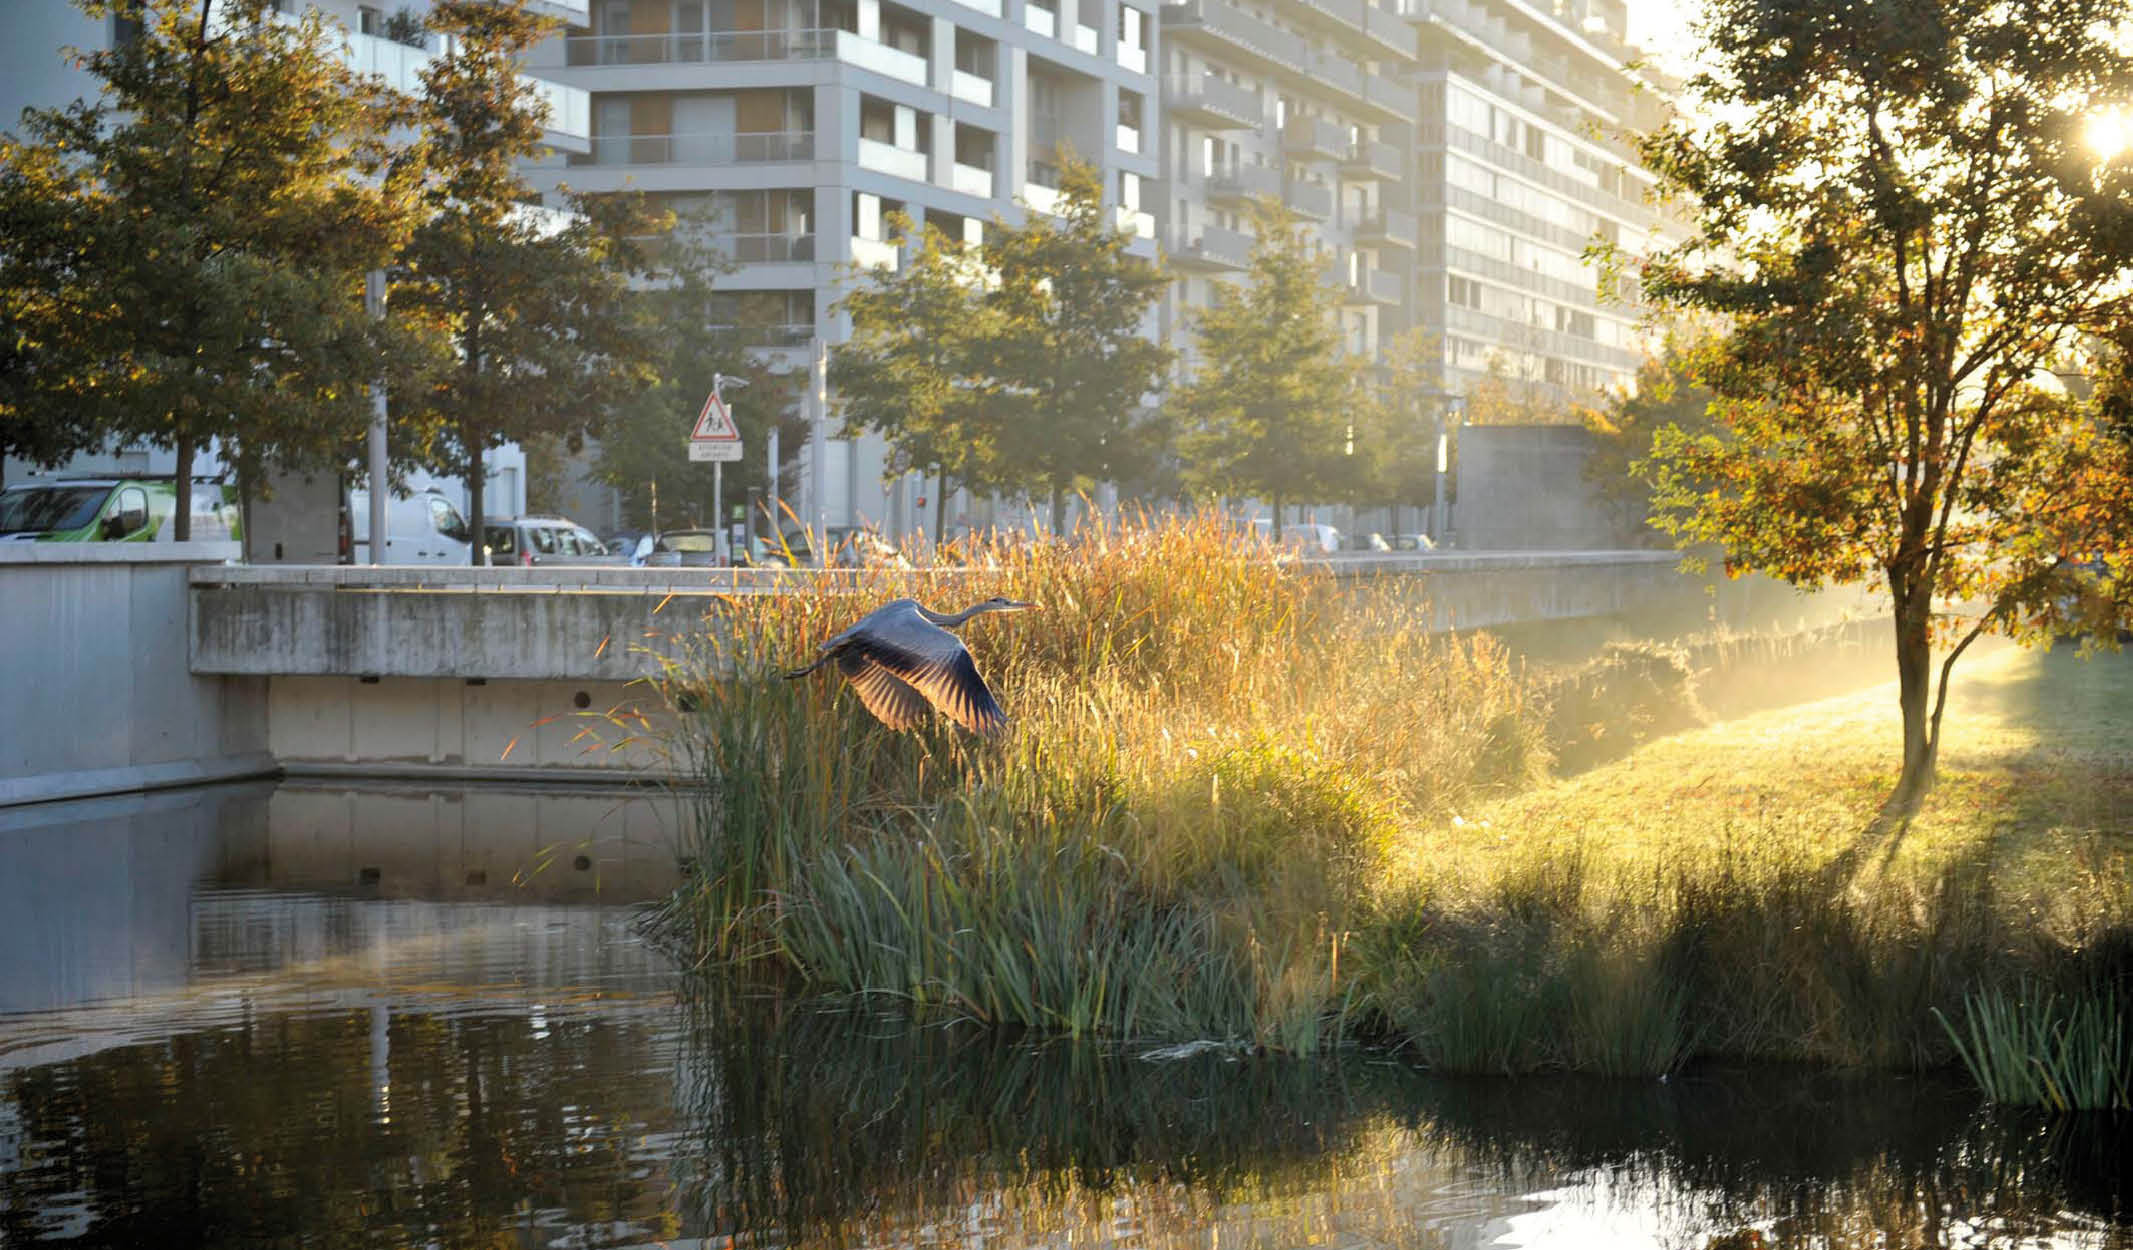 Parc de Billancourt, Boulogne Billancourt, 2011 © D-Raux